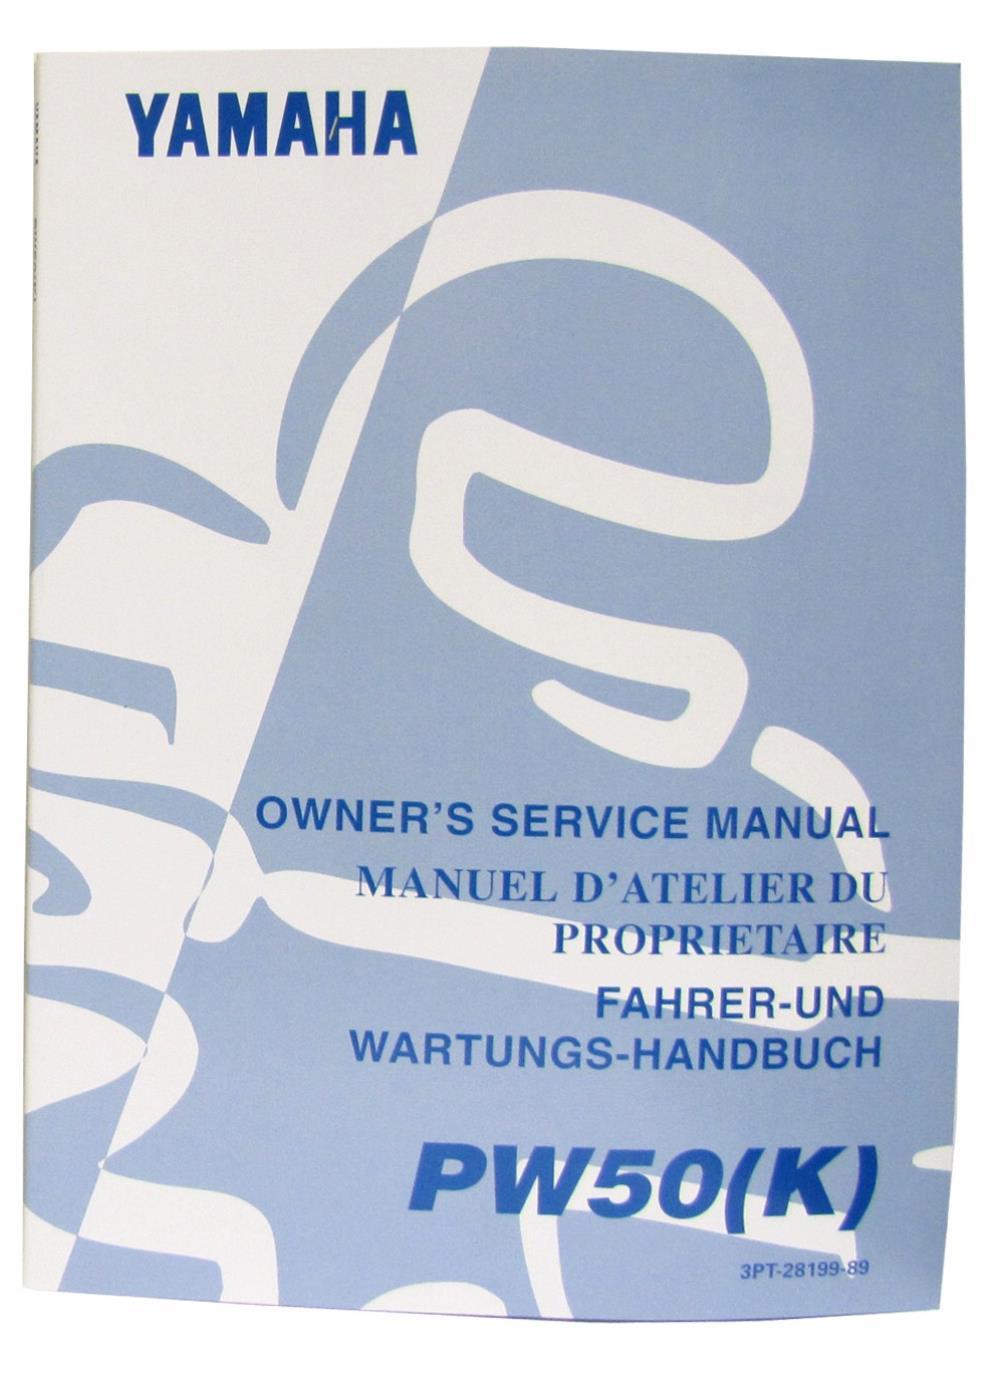 Workshop Manual Yamaha Pw50 1980 2002 Oe Service Ebay Wiring Diagram Image Is Loading O E